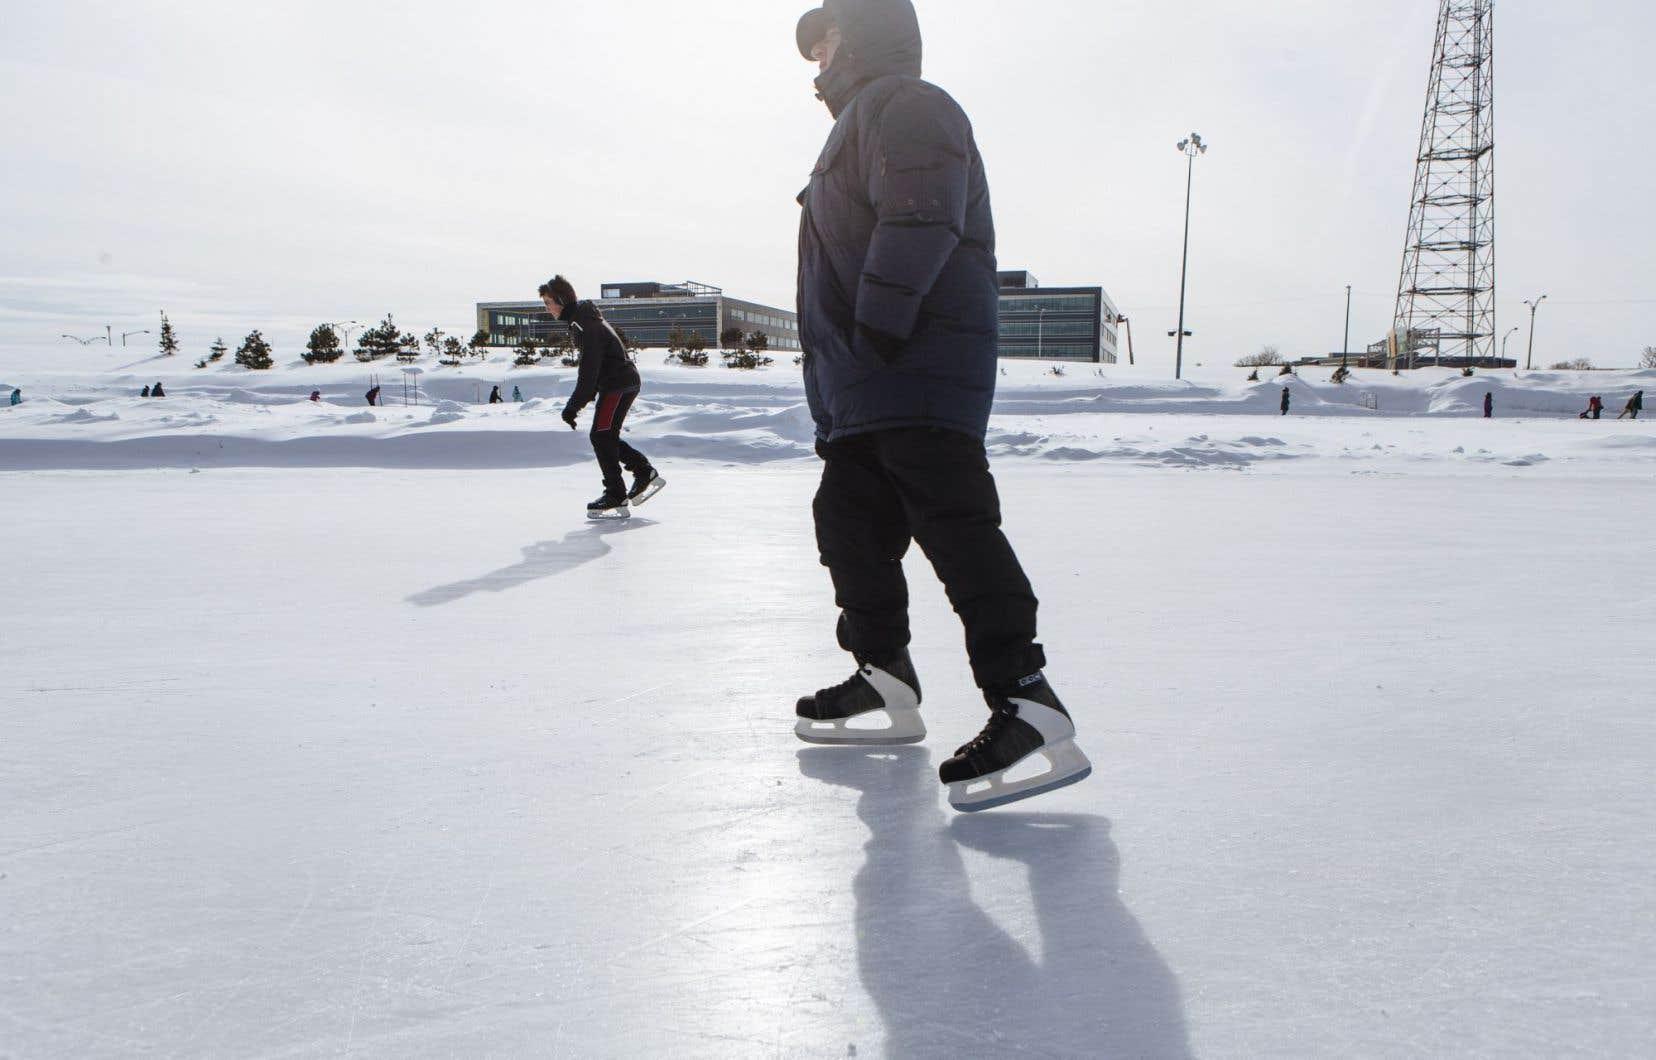 Sera-t-il possible de combattre la sédentarité hivernale grâce à une voie de patinage qui traverserait la ville?